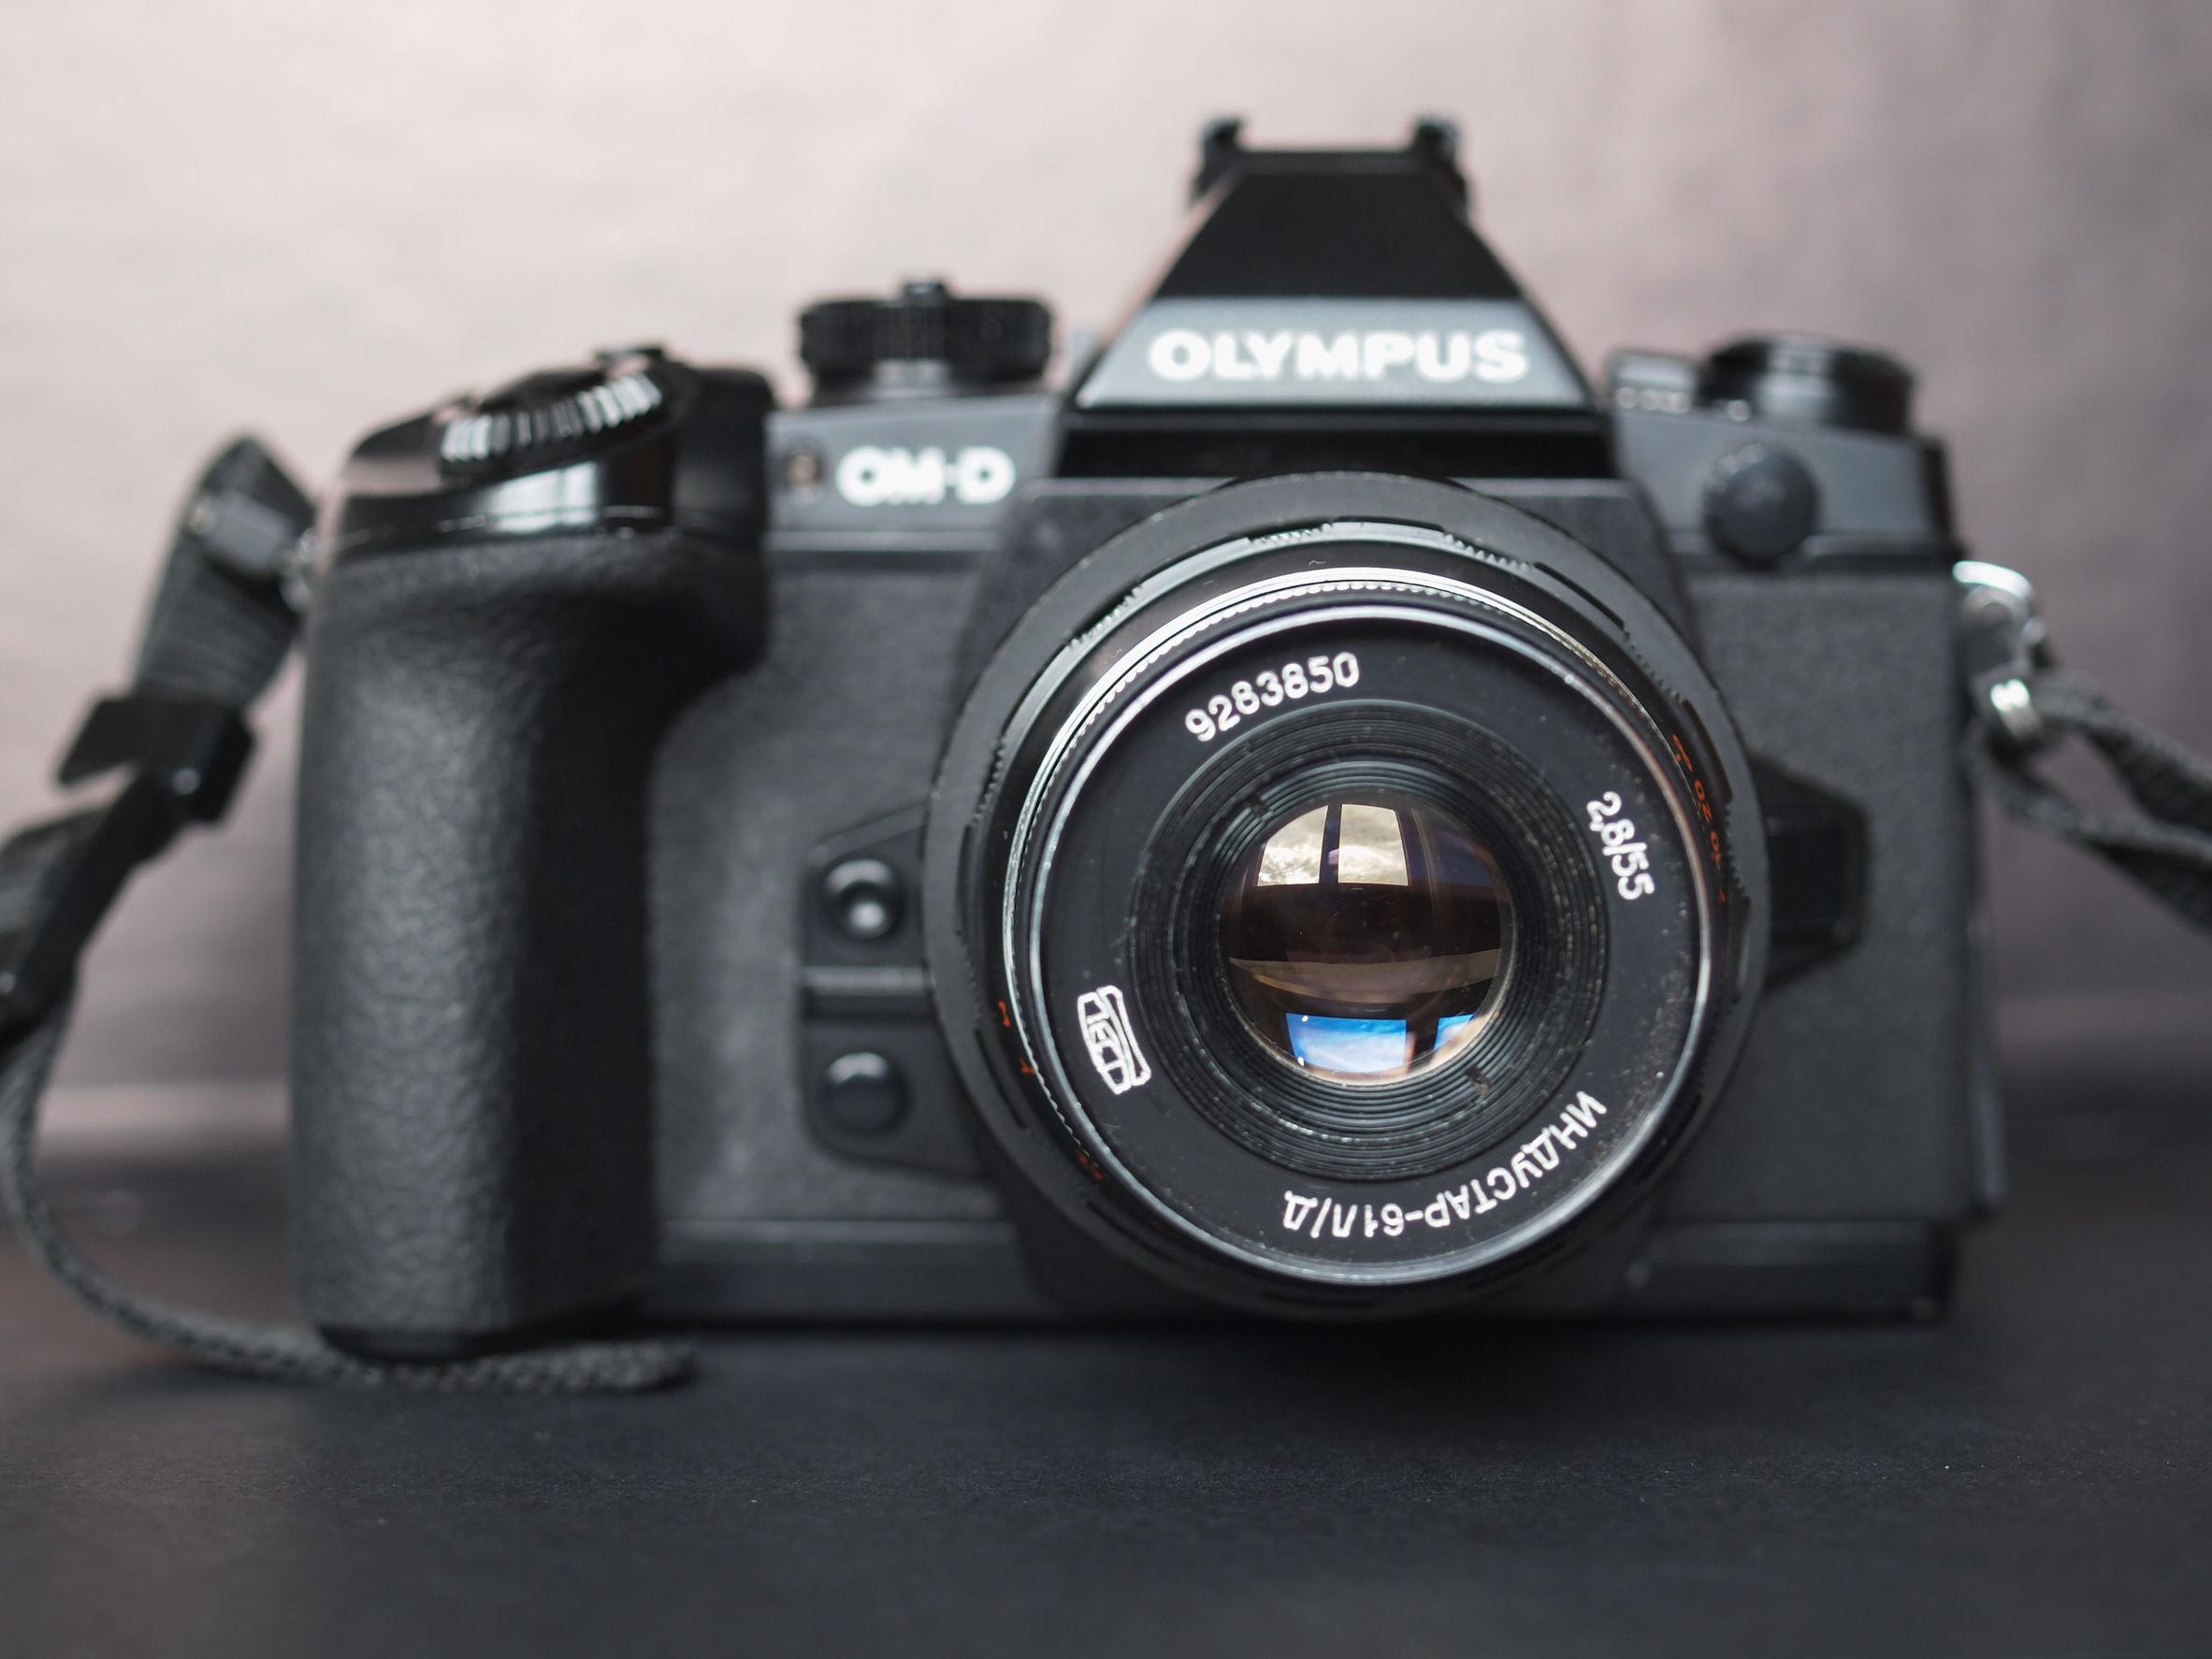 Olympus Kamera: Test & Empfehlungen (04/21)